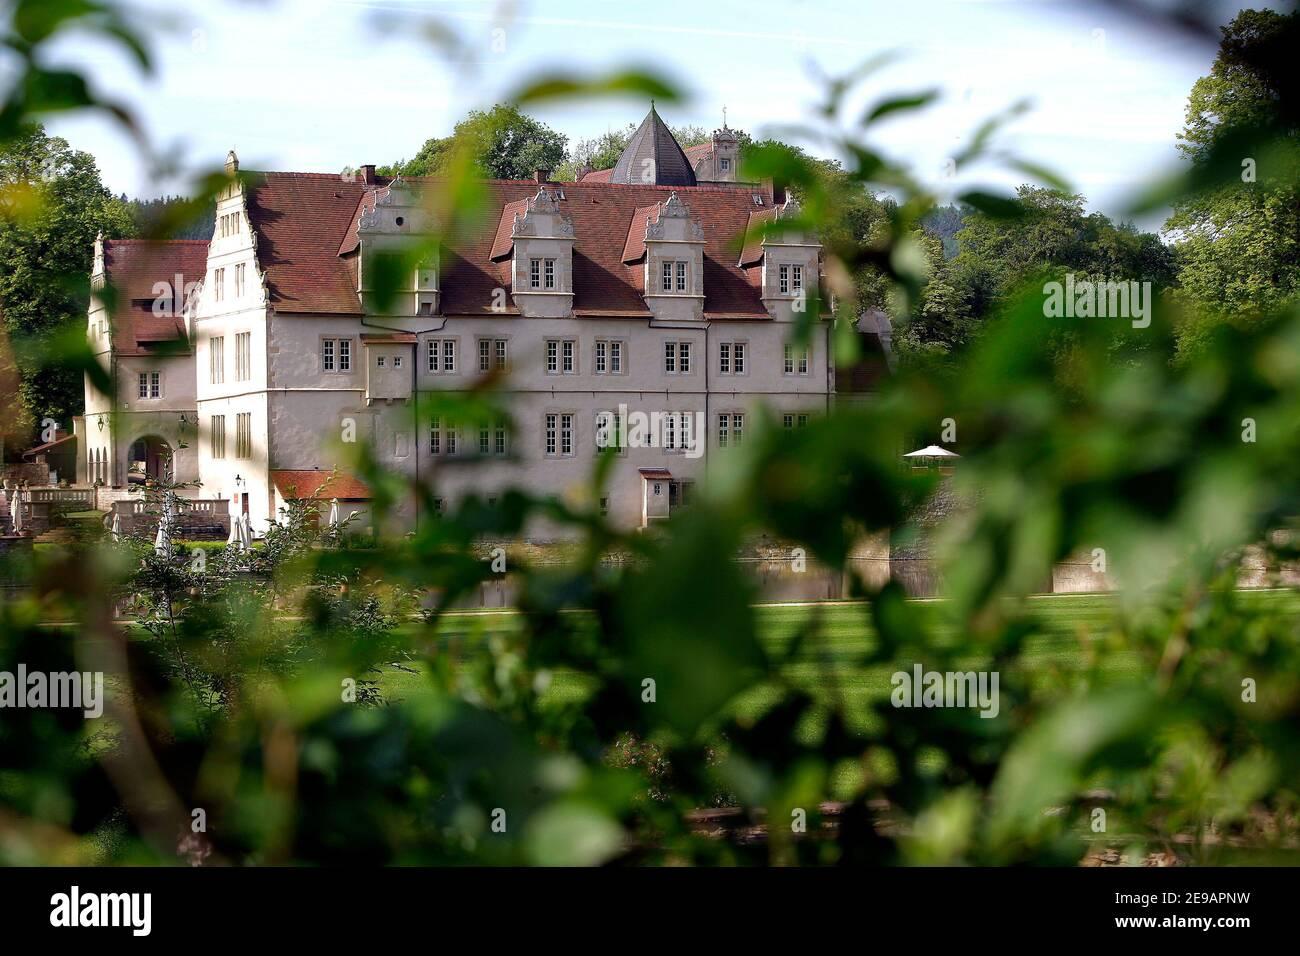 Schloss Muenchhausen, cerca de Hanover, donde el escuadrón nacional francés permanece durante la Copa del Mundo, el 9 de junio de 2006 en Hanover, Alemania. Foto de Gouhier-Hahn-Orban/Cameleon/ABACAPRESS.COM Foto de stock